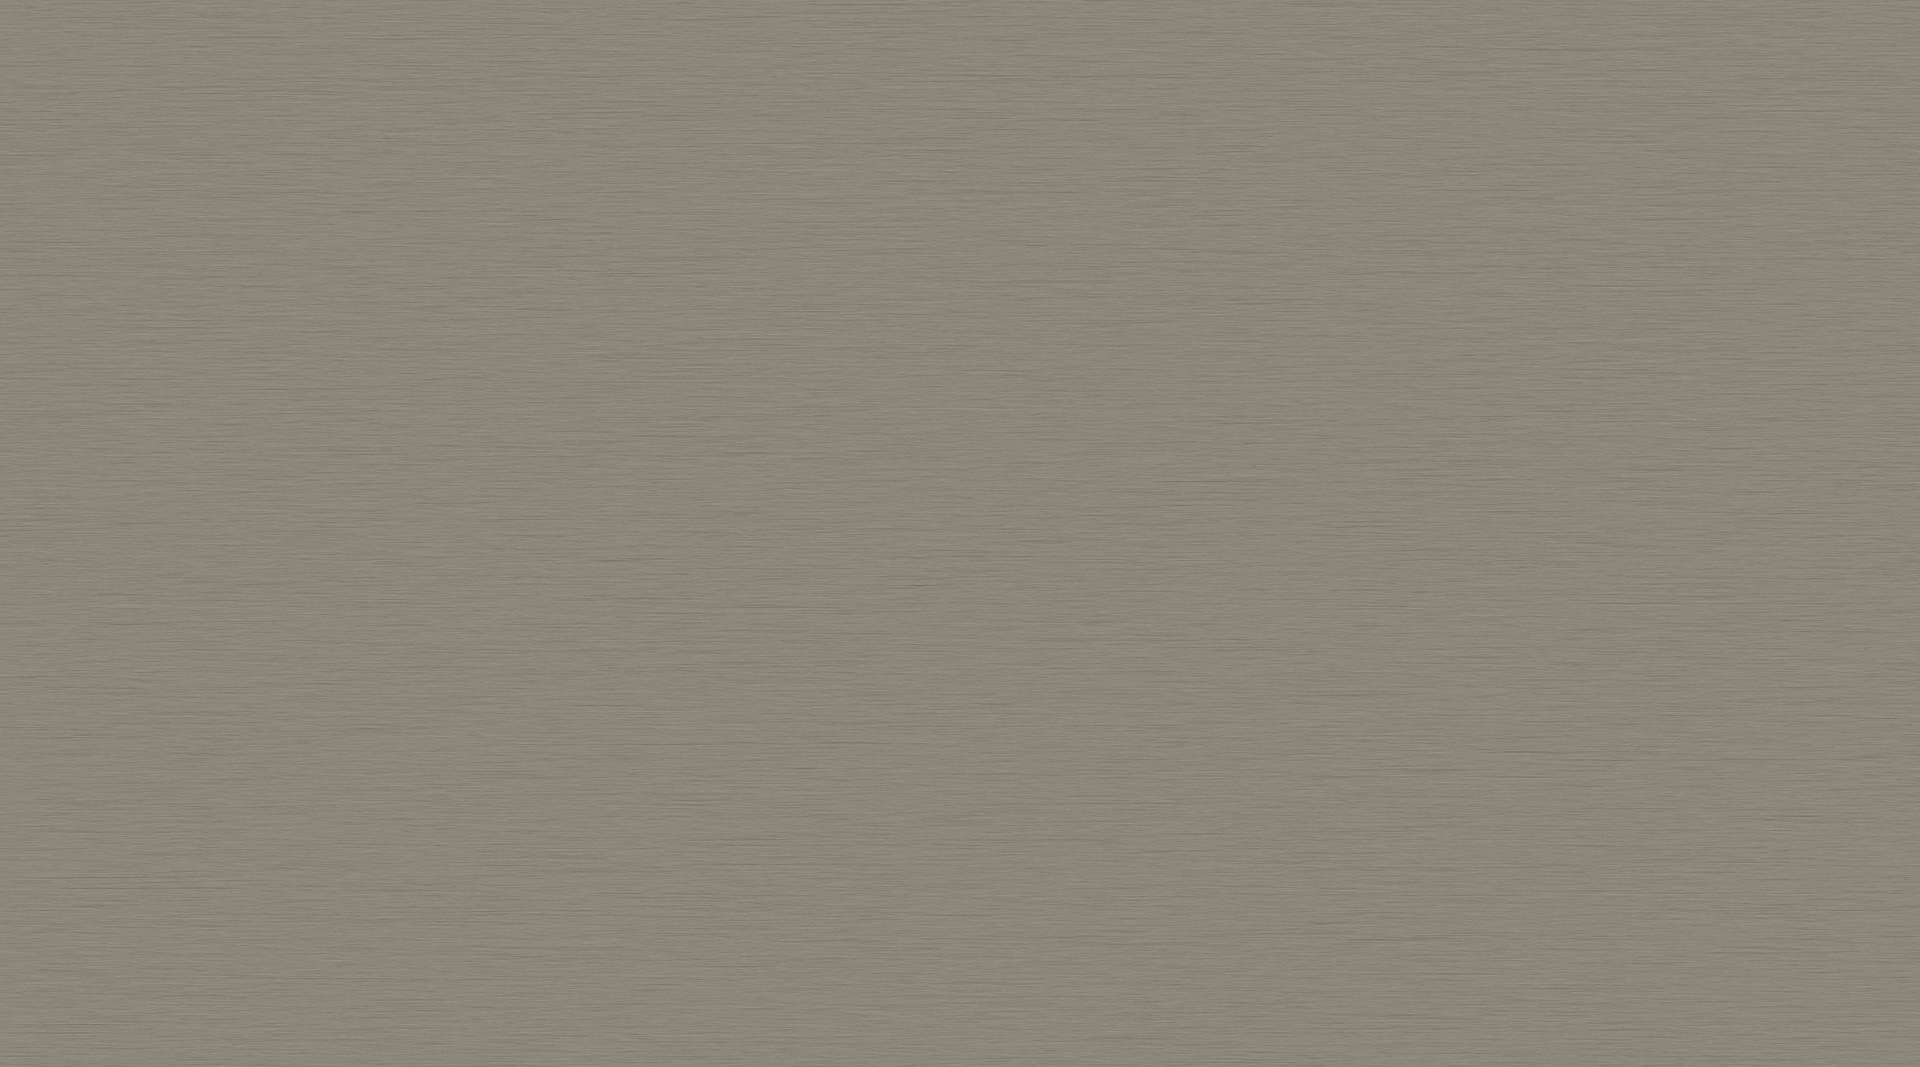 Full Size of Nolte Arbeitsplatte Java Schiefer Arbeitsplatten Dekor Glas Kchenexperte Hannover Küche Schlafzimmer Sideboard Mit Betten Wohnzimmer Nolte Arbeitsplatte Java Schiefer